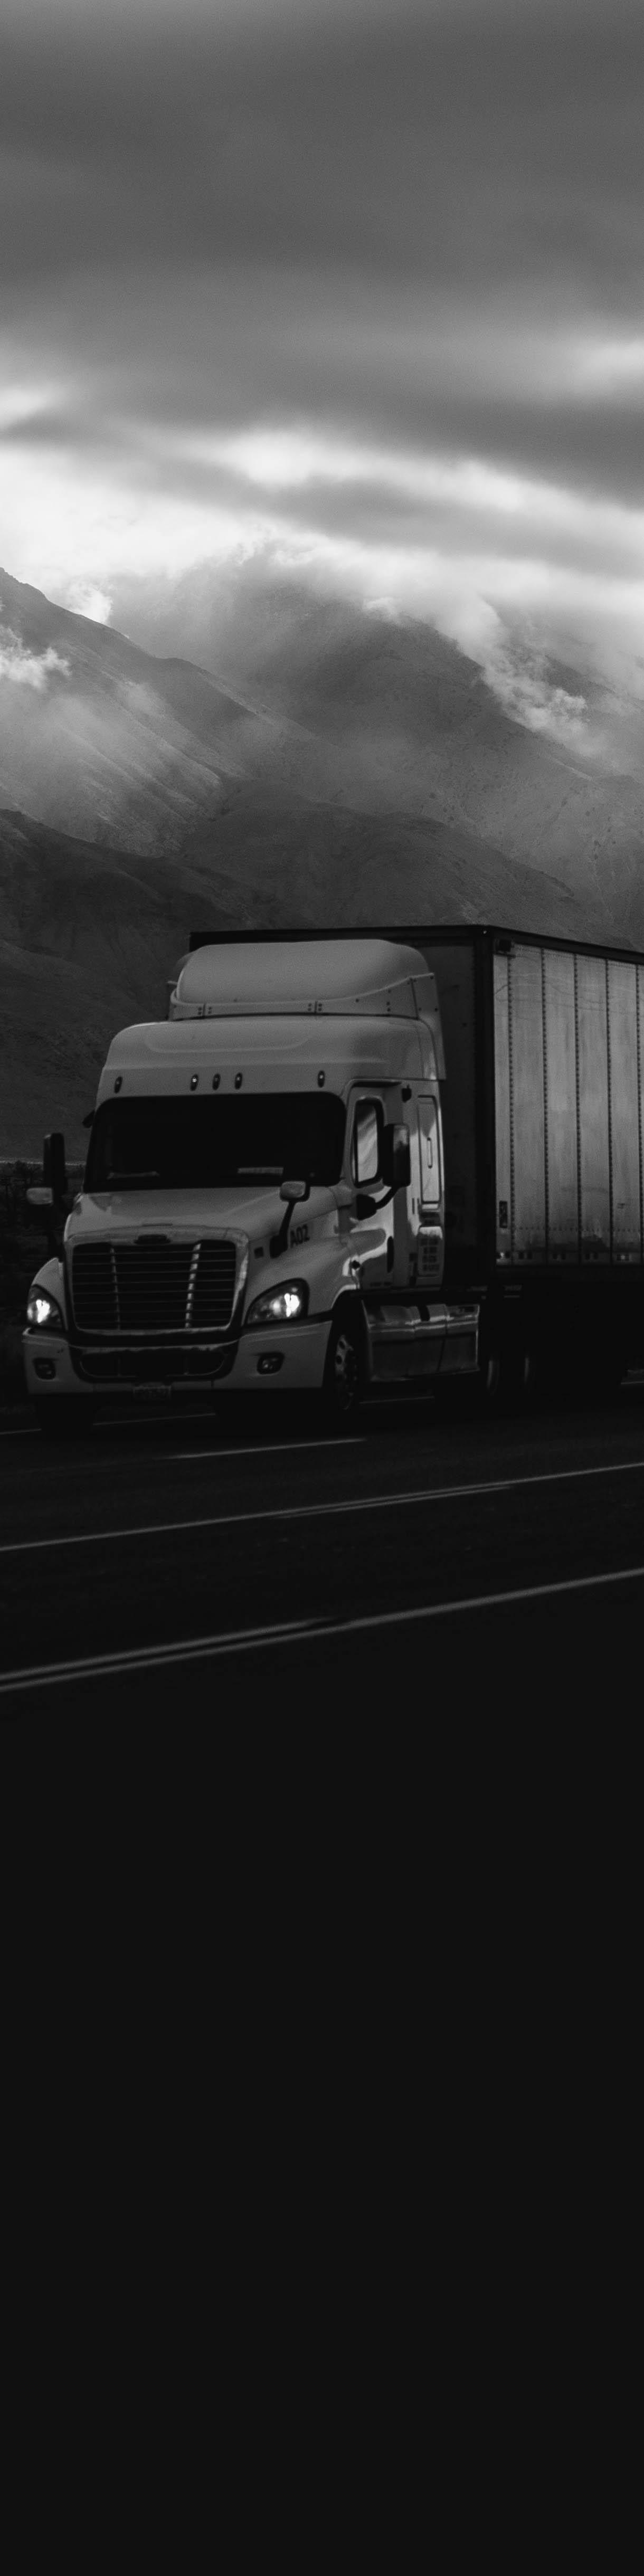 truck-driving-jobs